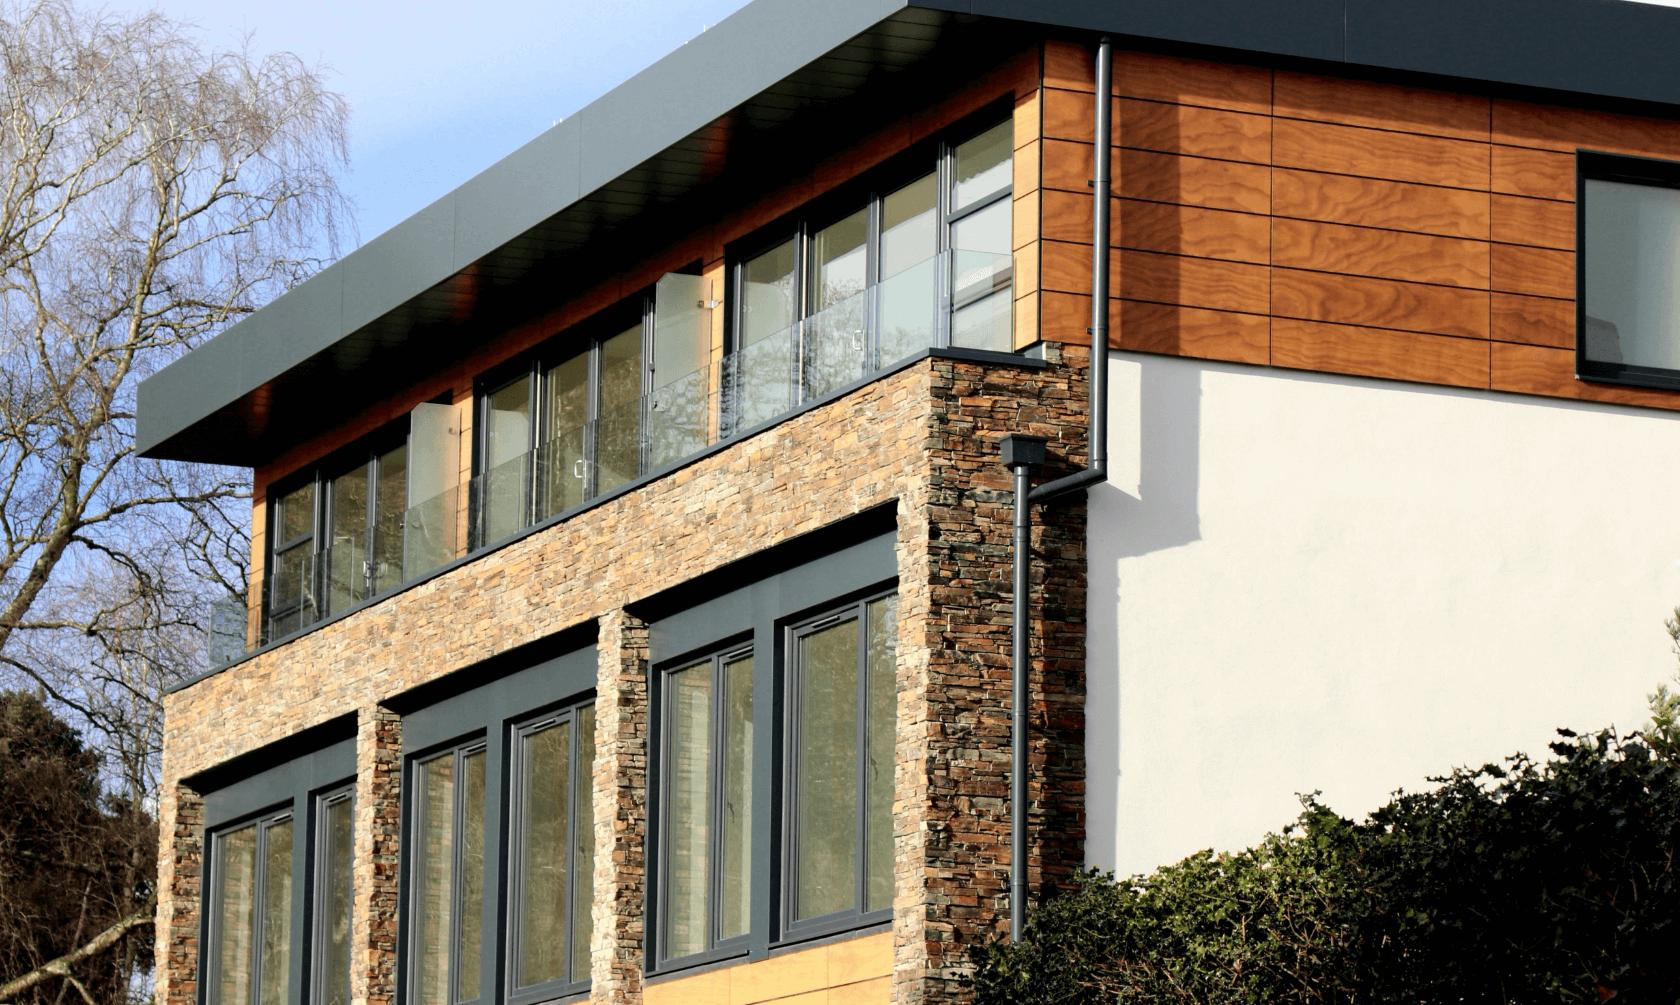 Brick and concrete architecture